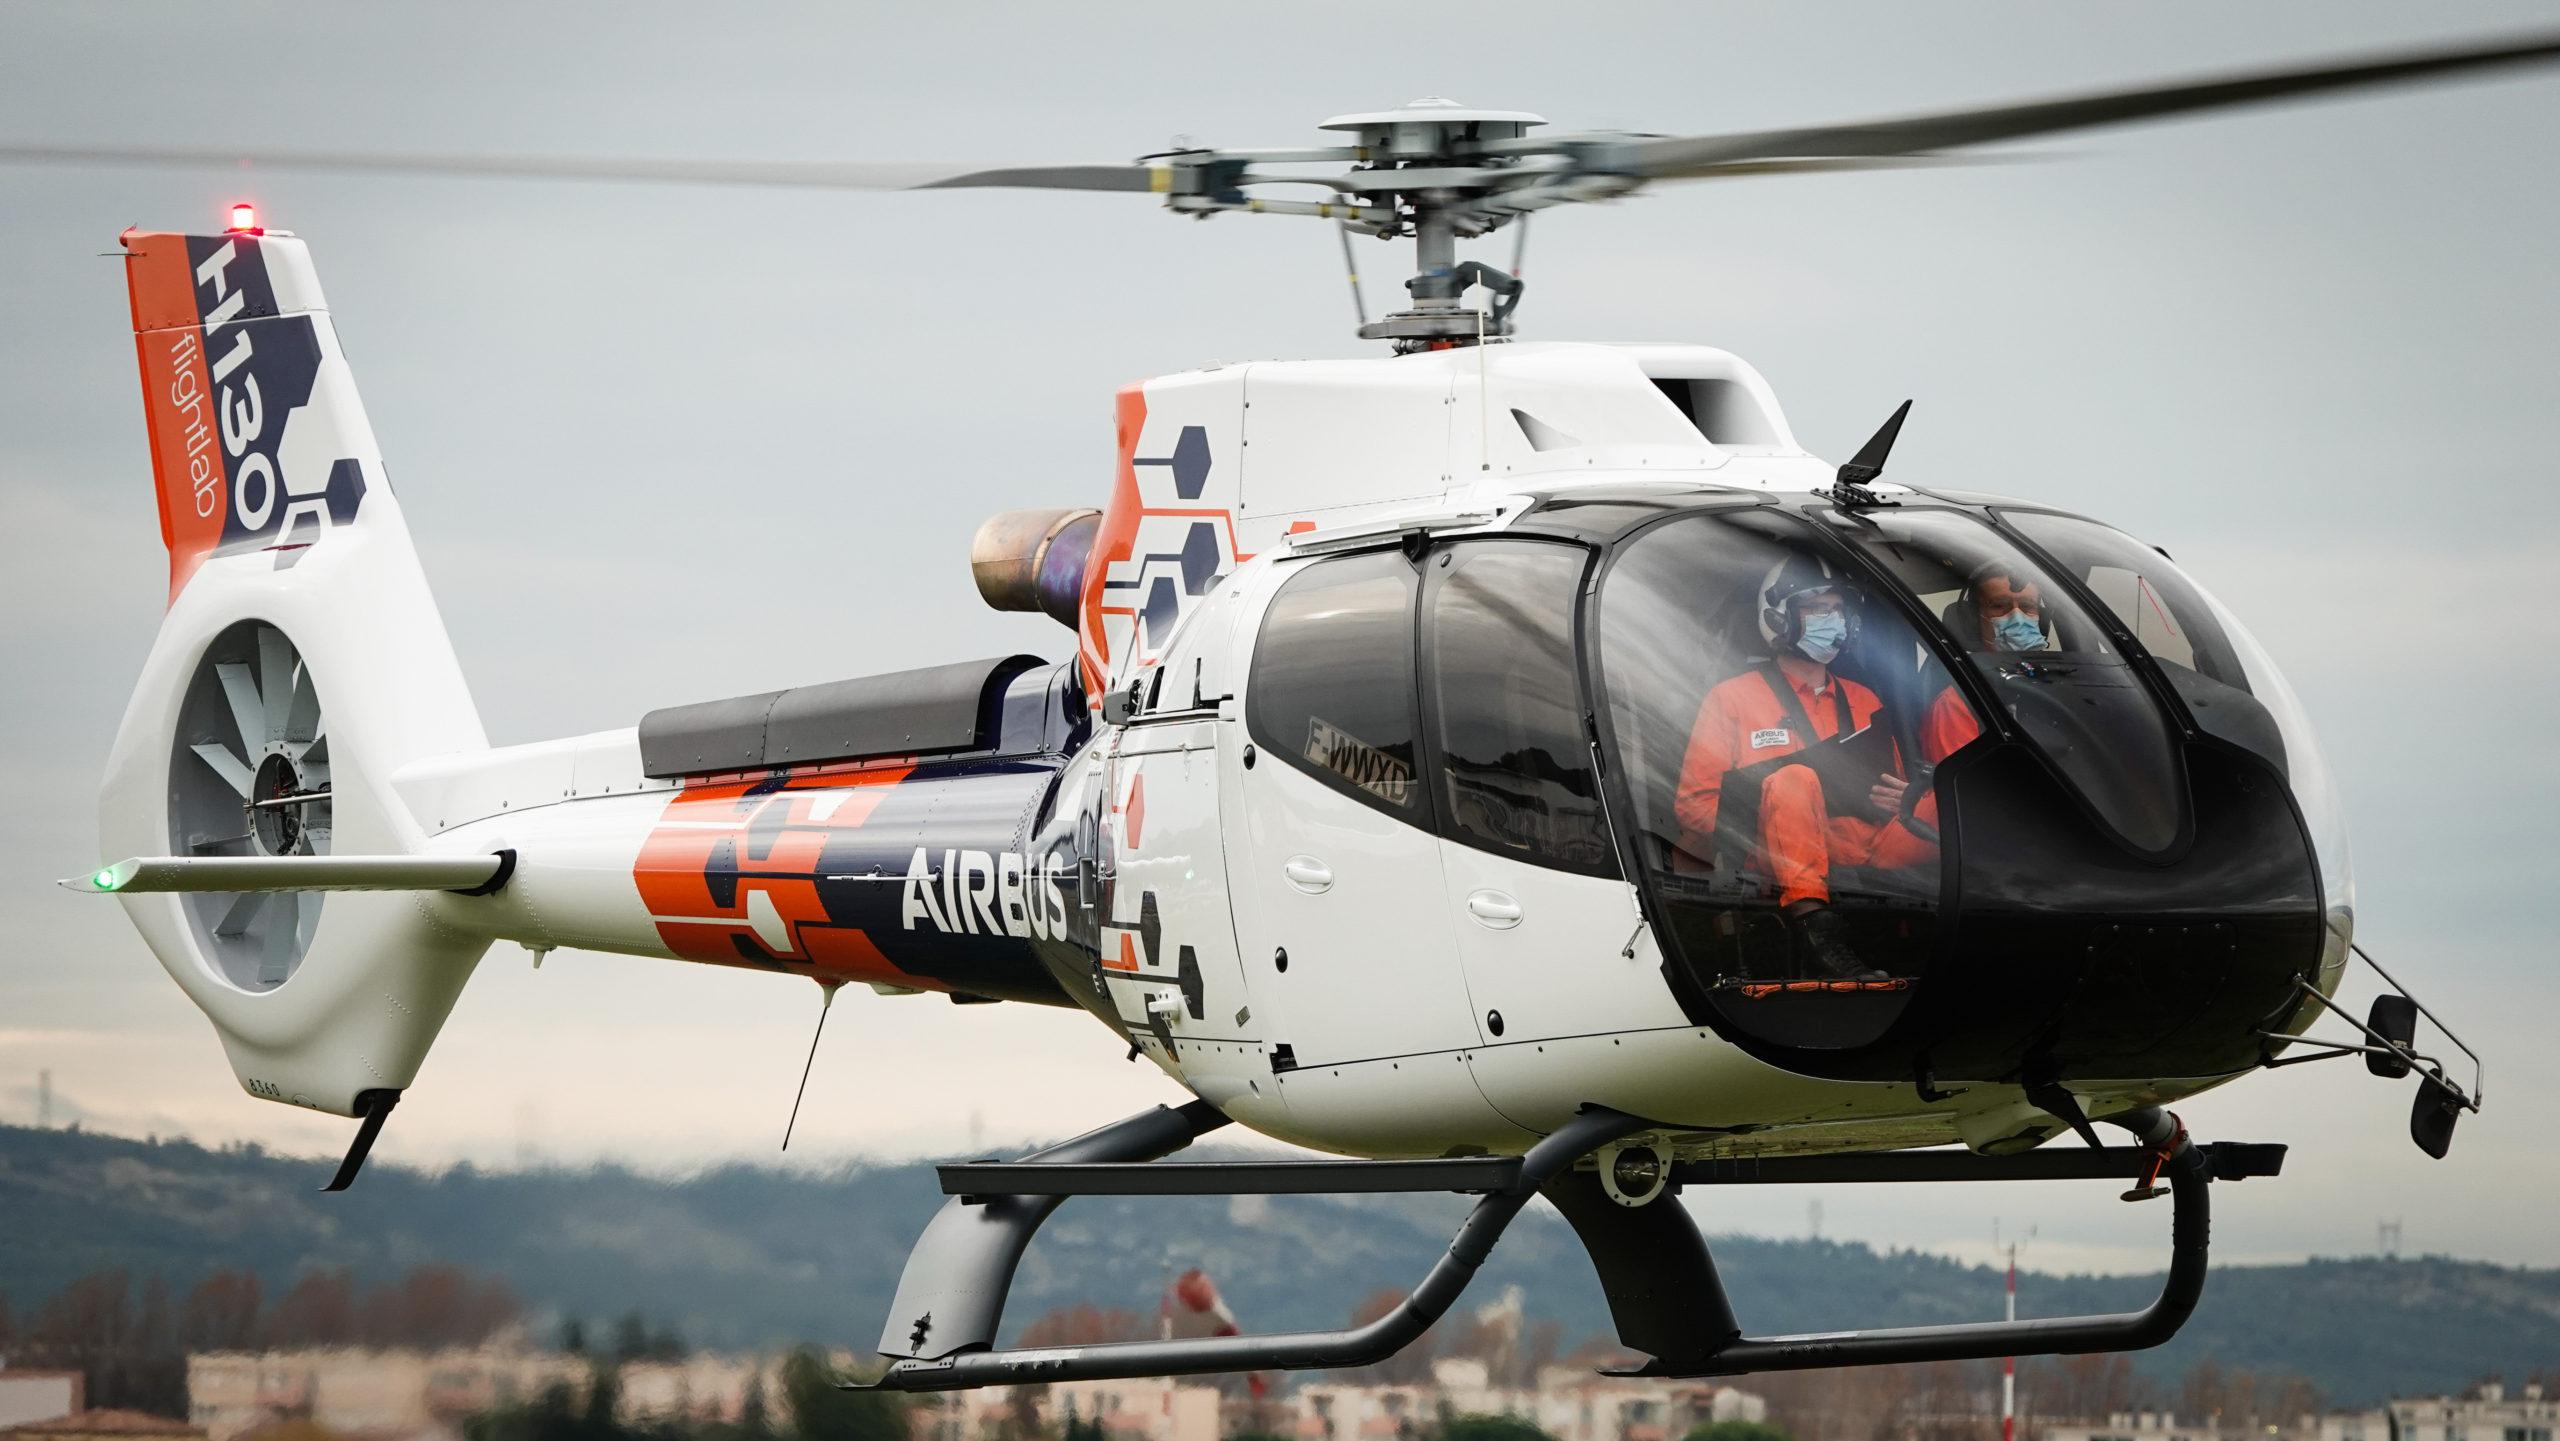 Airbus prueba la tecnología del futuro en sus helicópteros